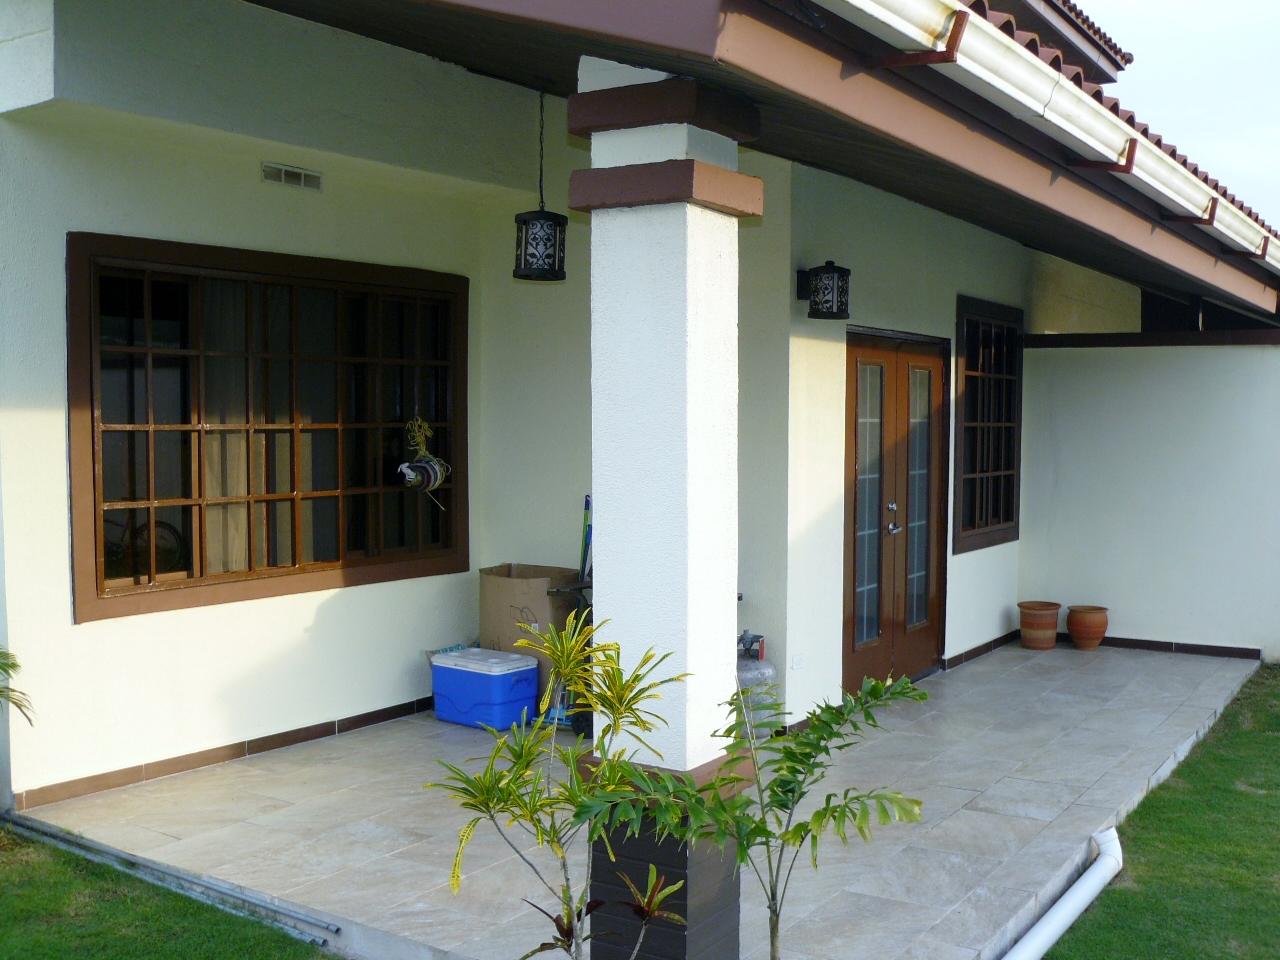 Casa en las cumbres en comunidad cerrada p9134 inmopanama for Terrazas traseras